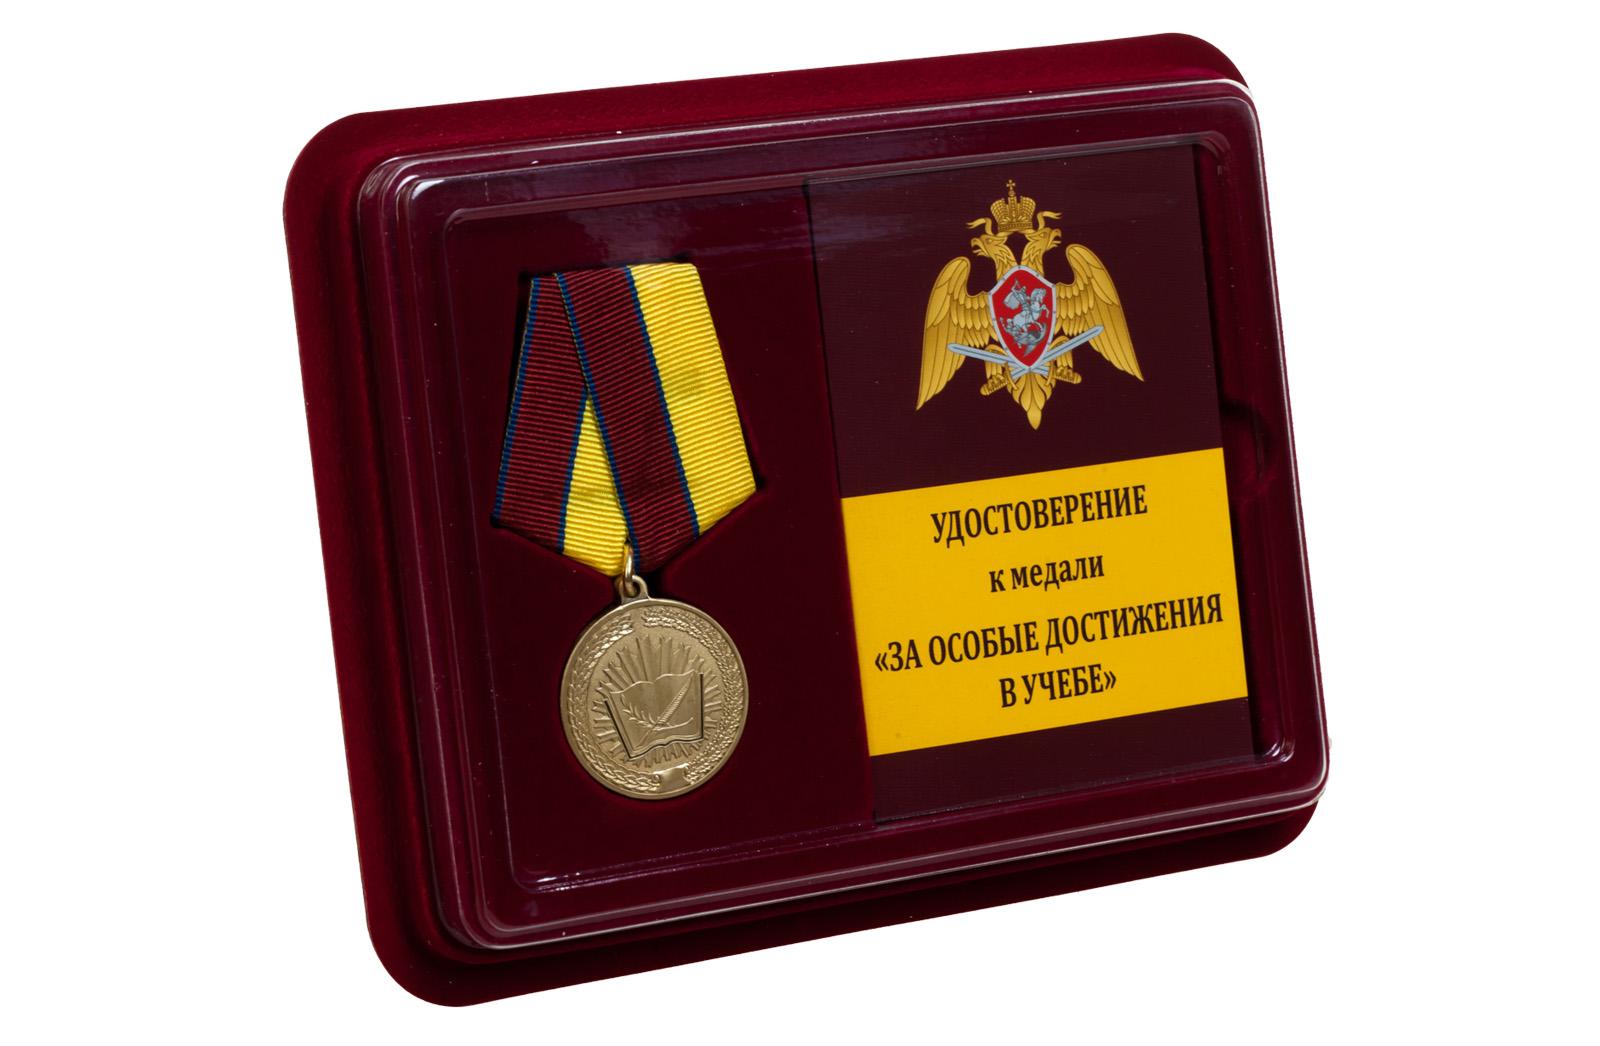 Купить медаль За особые достижения в учебе Росгвардия оптом или в розницу